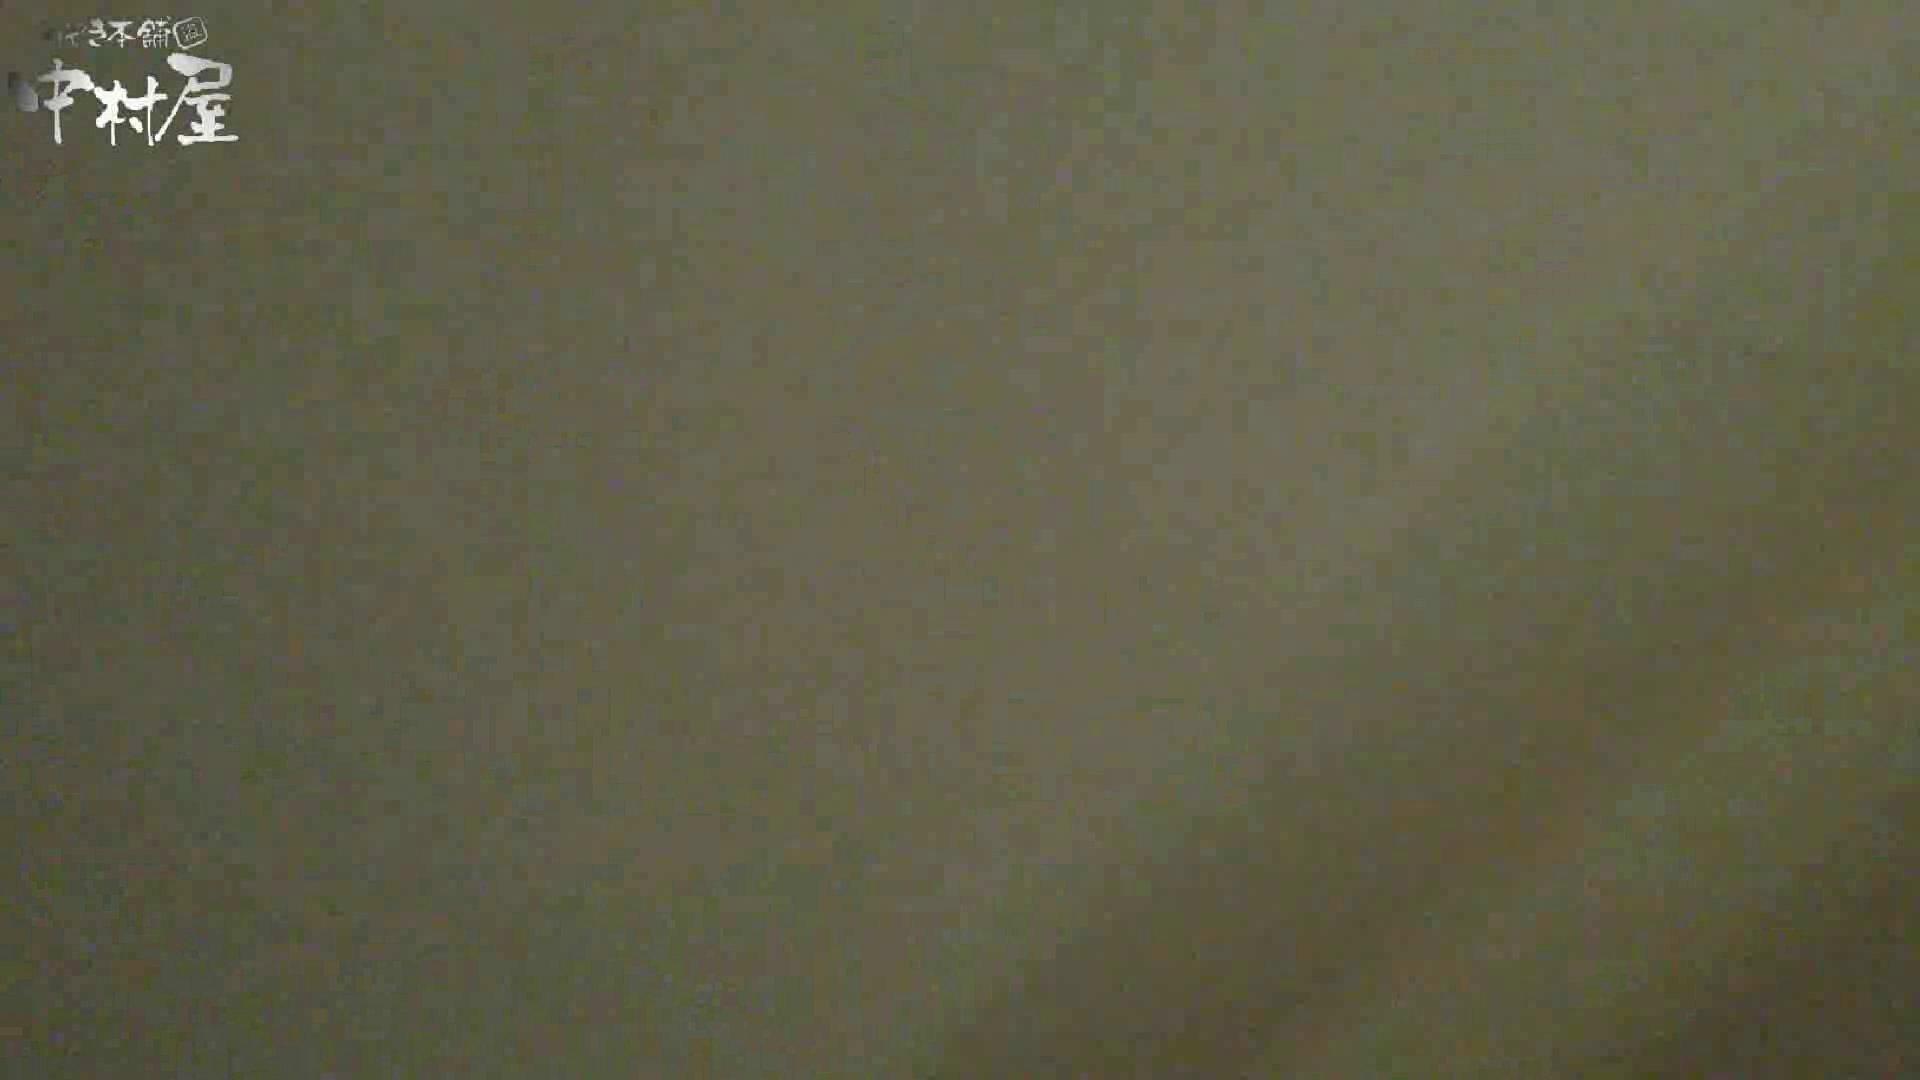 部活女子トイレ潜入編vol.5 潜入 セックス画像 69画像 32